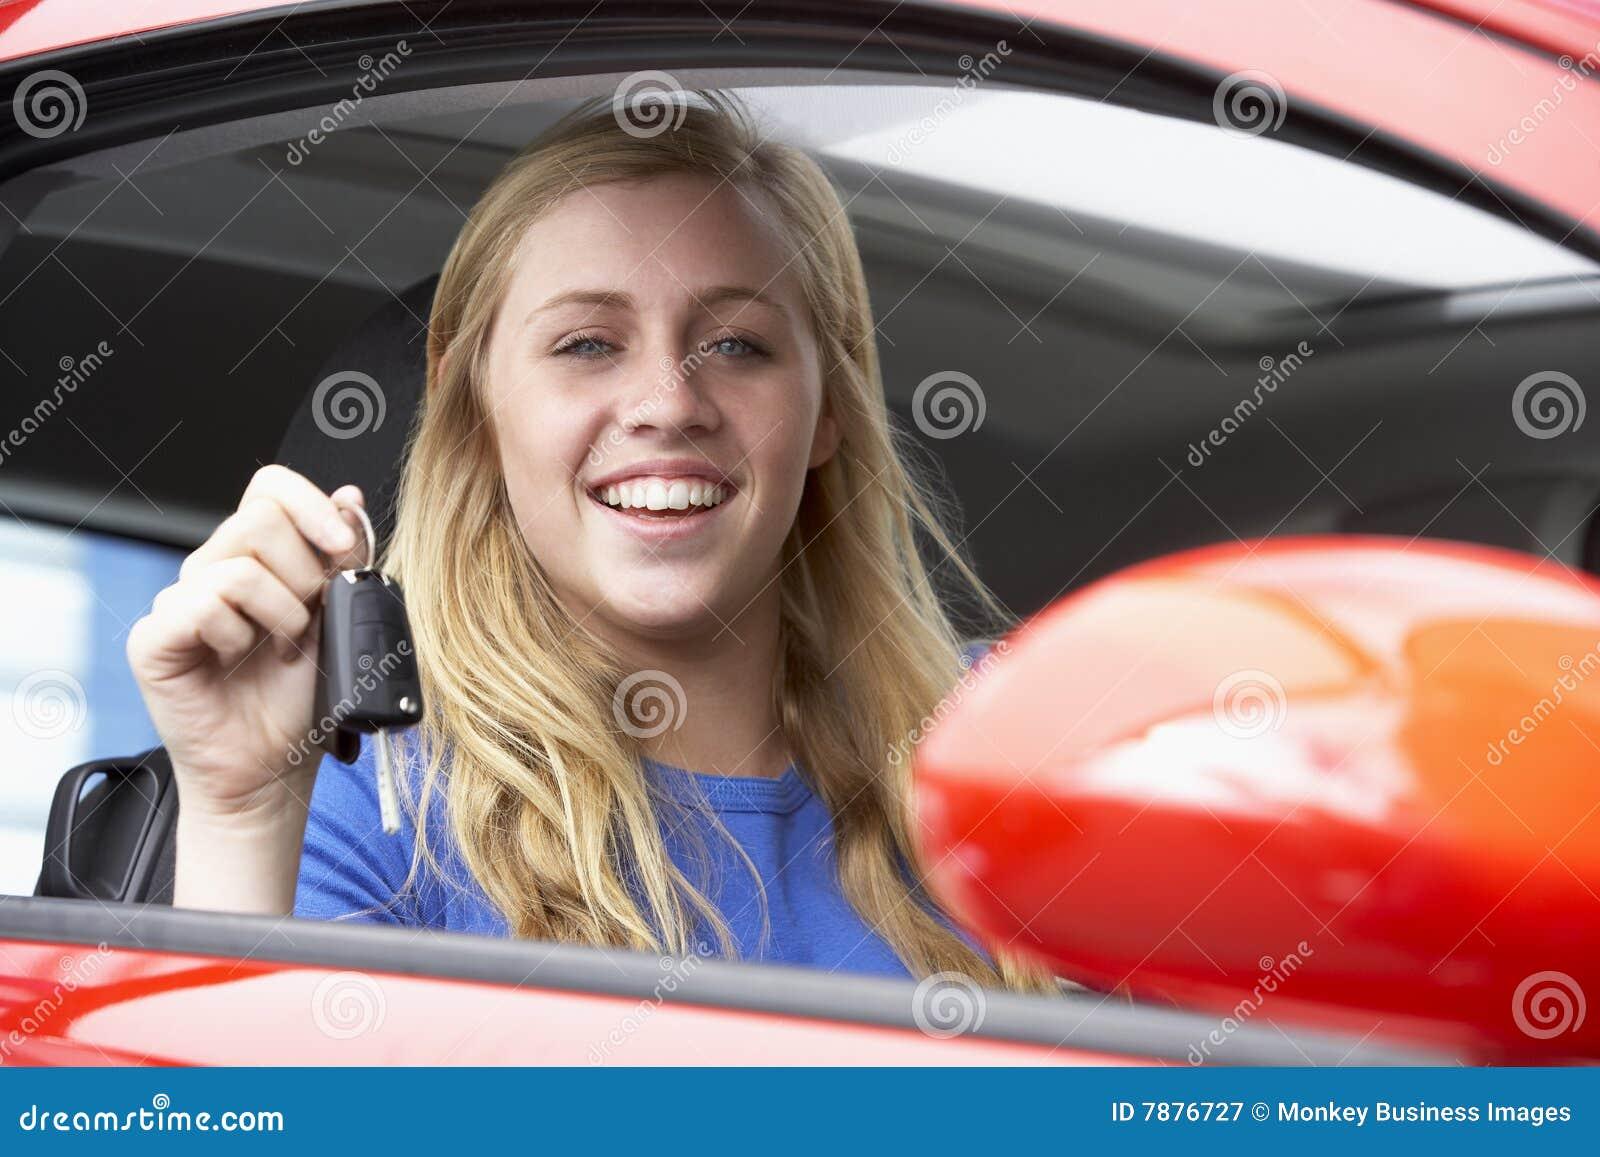 Teenage Girl Sitting In Car, Holding Car Keys